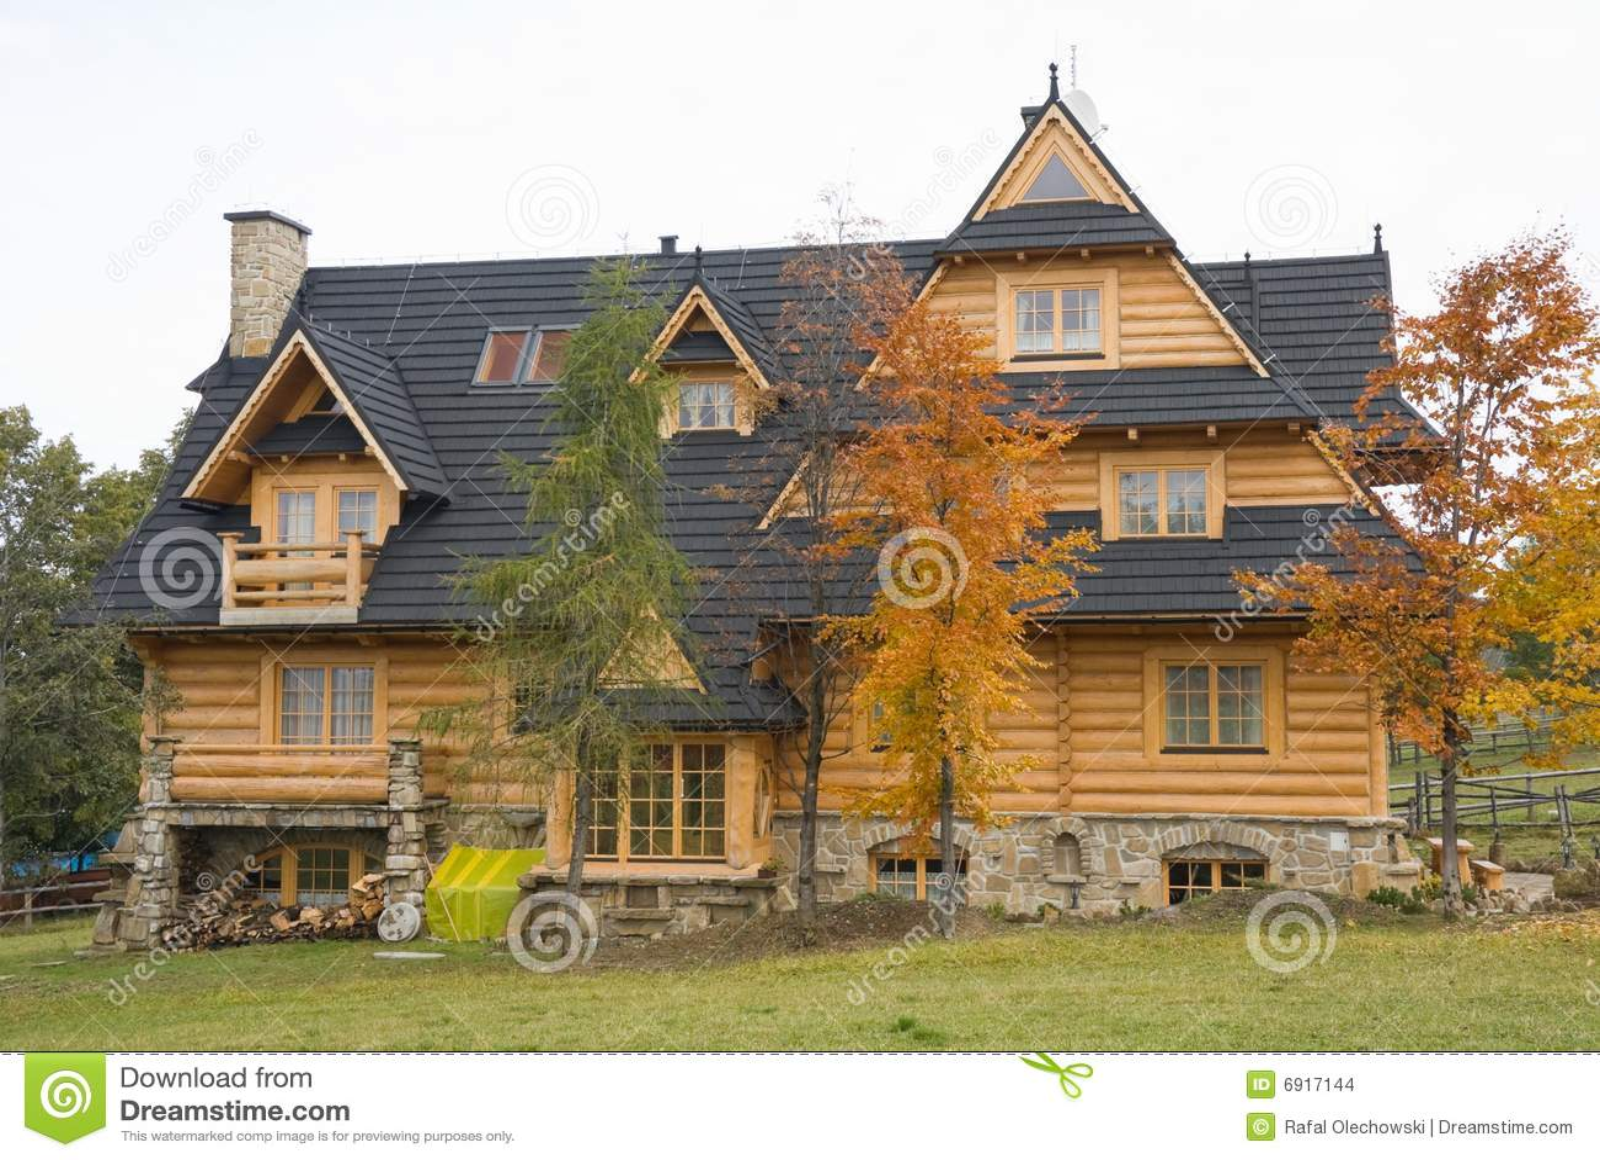 Maison En Bois Traditionnelle En Montagnes Images stock  Image 6917144